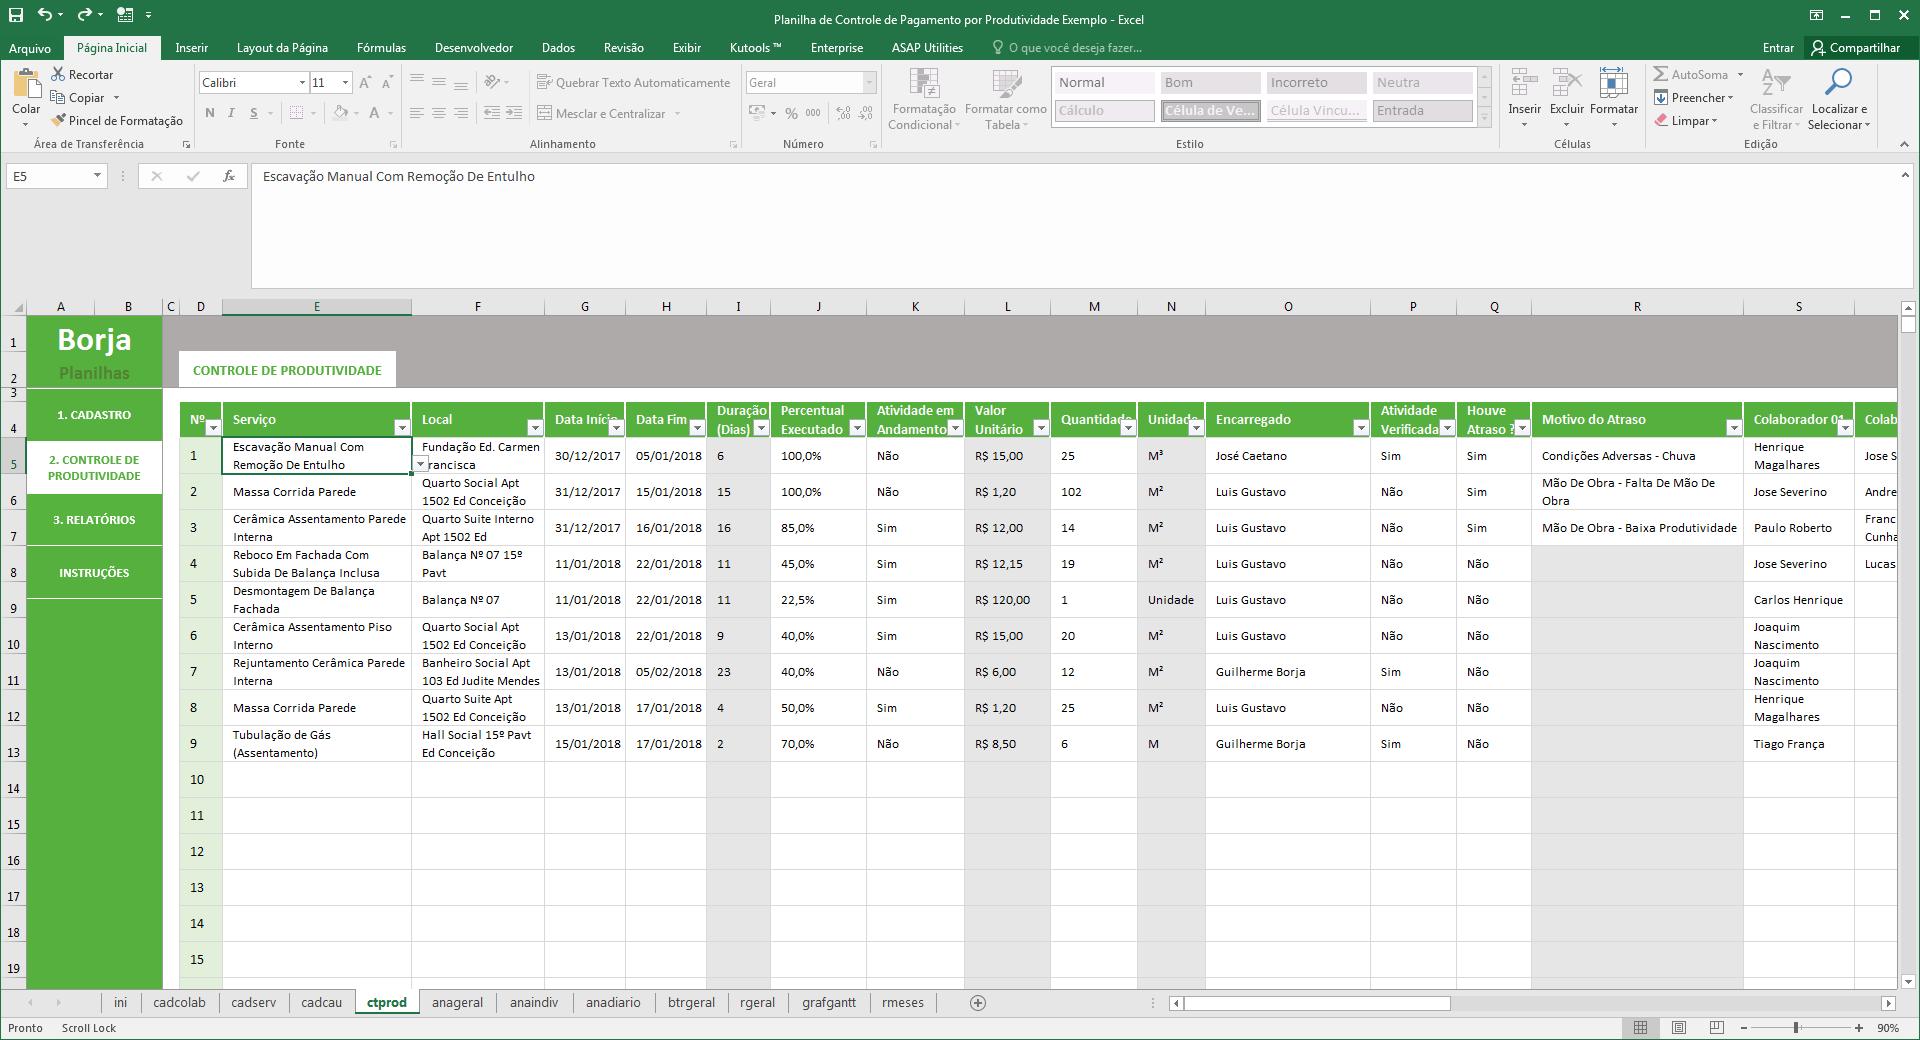 Planilha de Controle de Pagamentos por Produtividade - Controle de produtividade